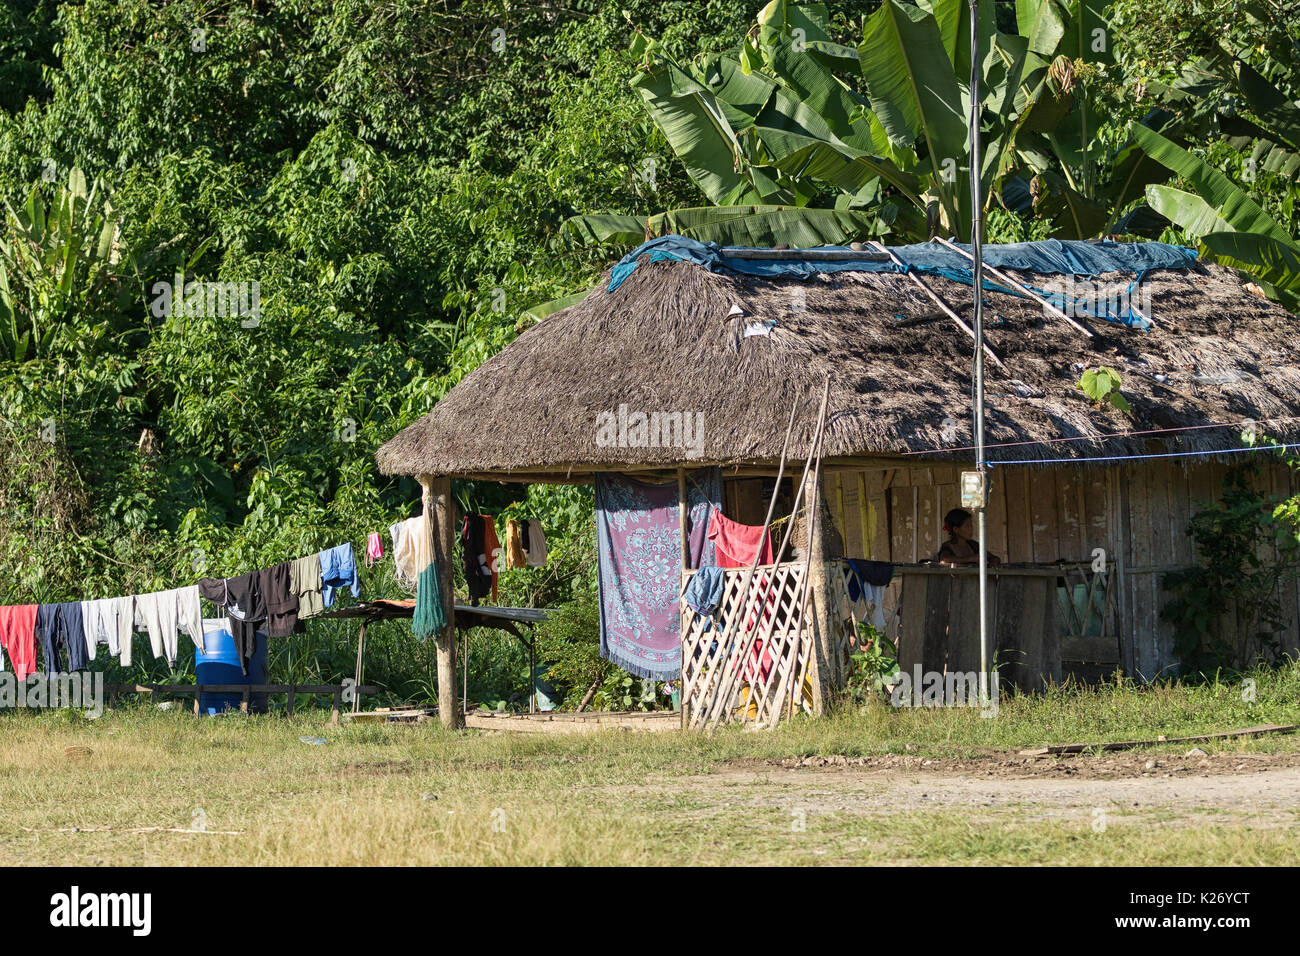 Giugno 6, 2017 Misahualli, Ecuador: piccola dimora baracche di legno tavole nell'area amazzonica Immagini Stock